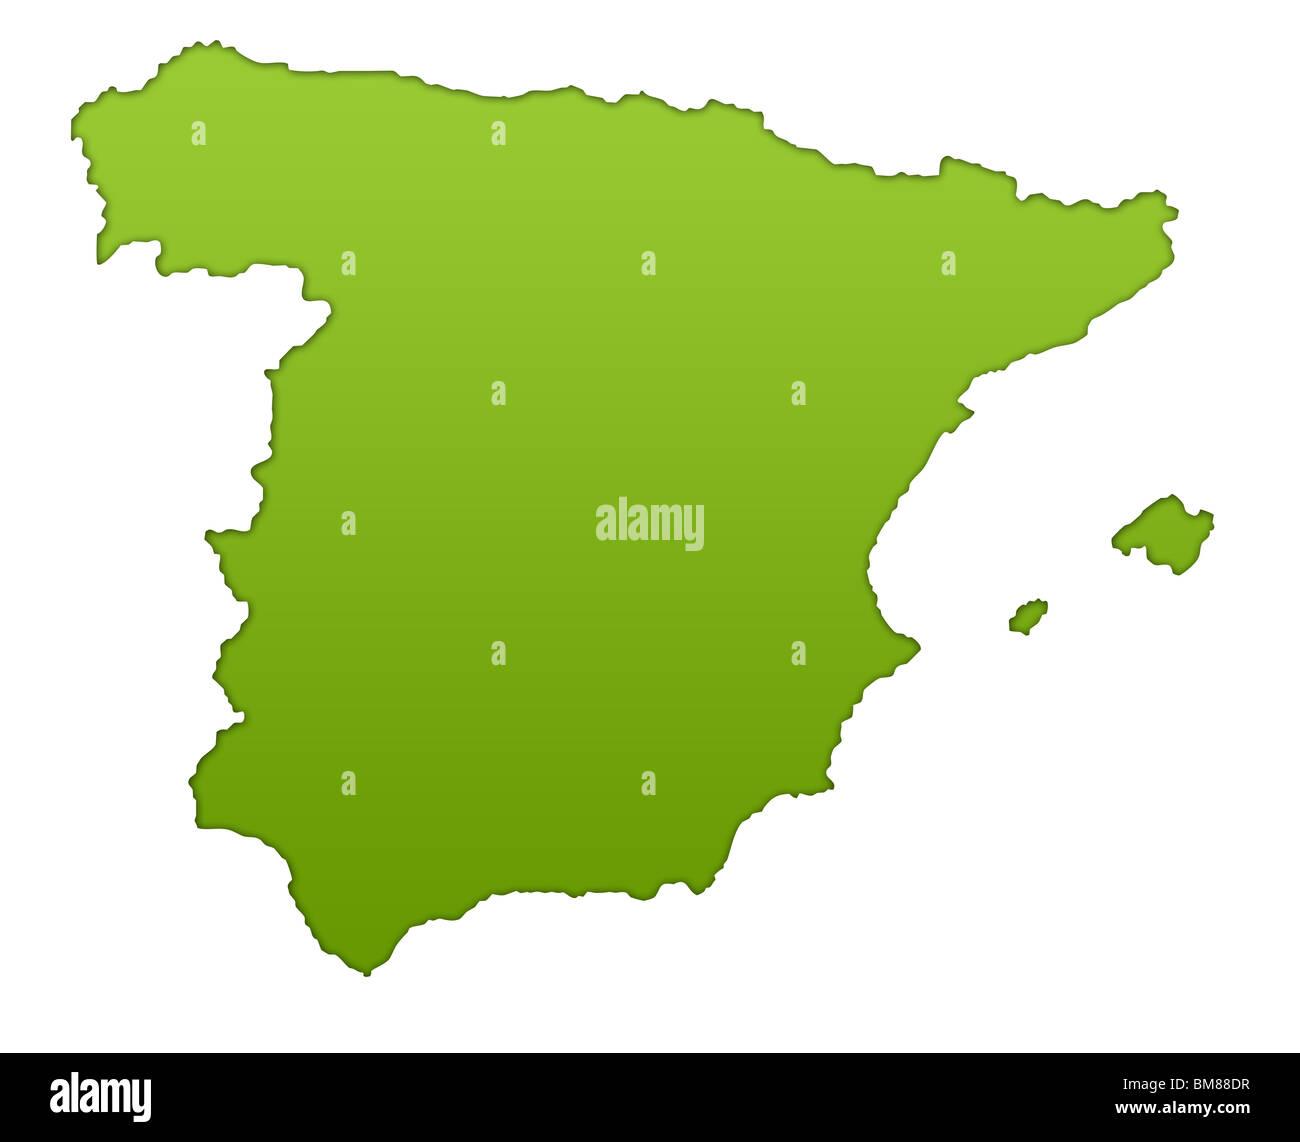 Spanien Karte Schwarz Weiß.Spanien Karte Stockfotos Spanien Karte Bilder Alamy